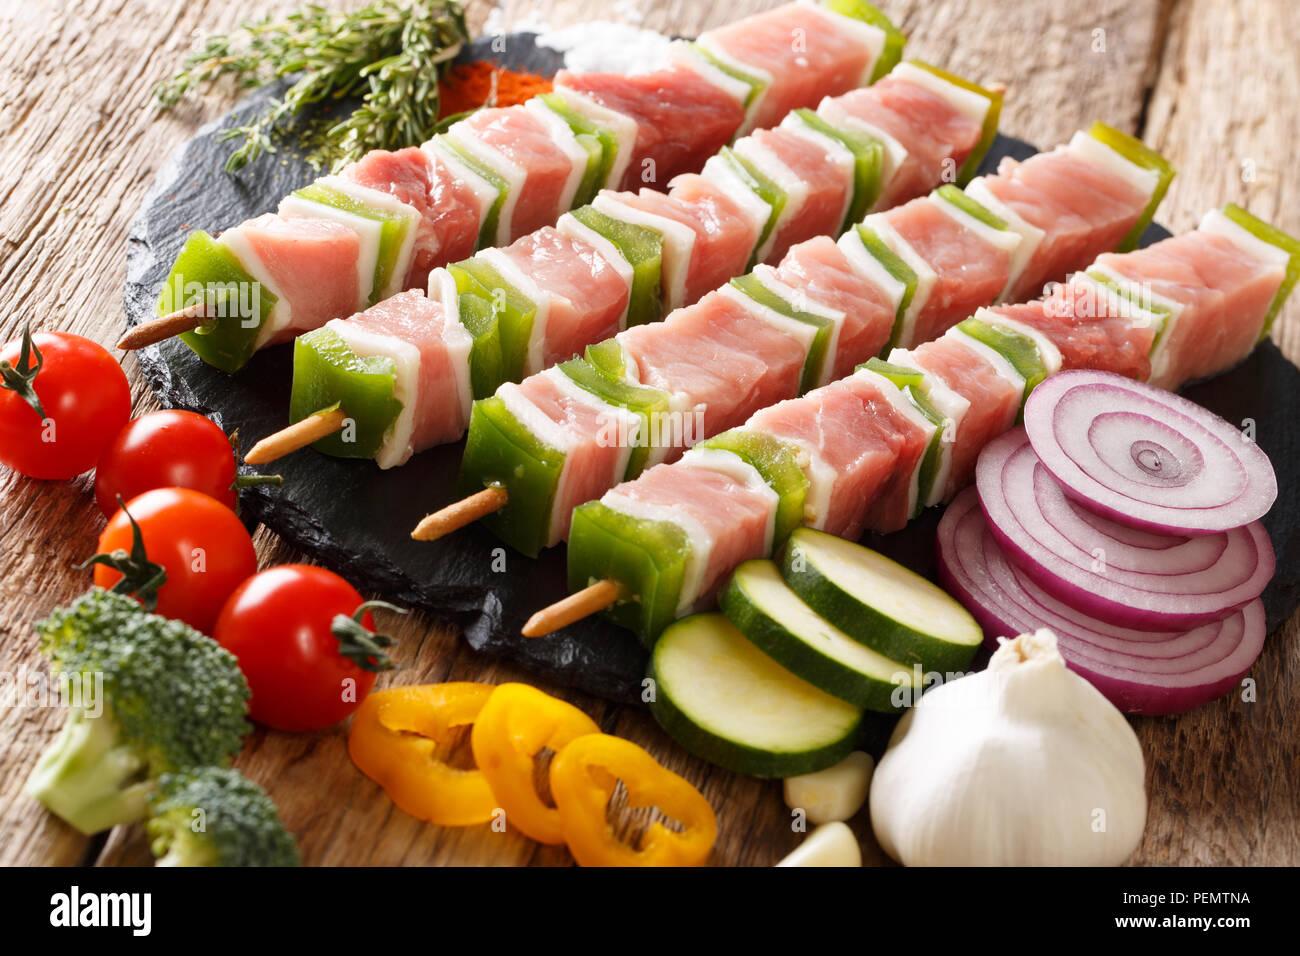 Préparation d'un barbecue: matières shish kebab au poivre vert sur les brochettes, close-up et de légumes, d'herbes sur la table horizontale. Photo Stock